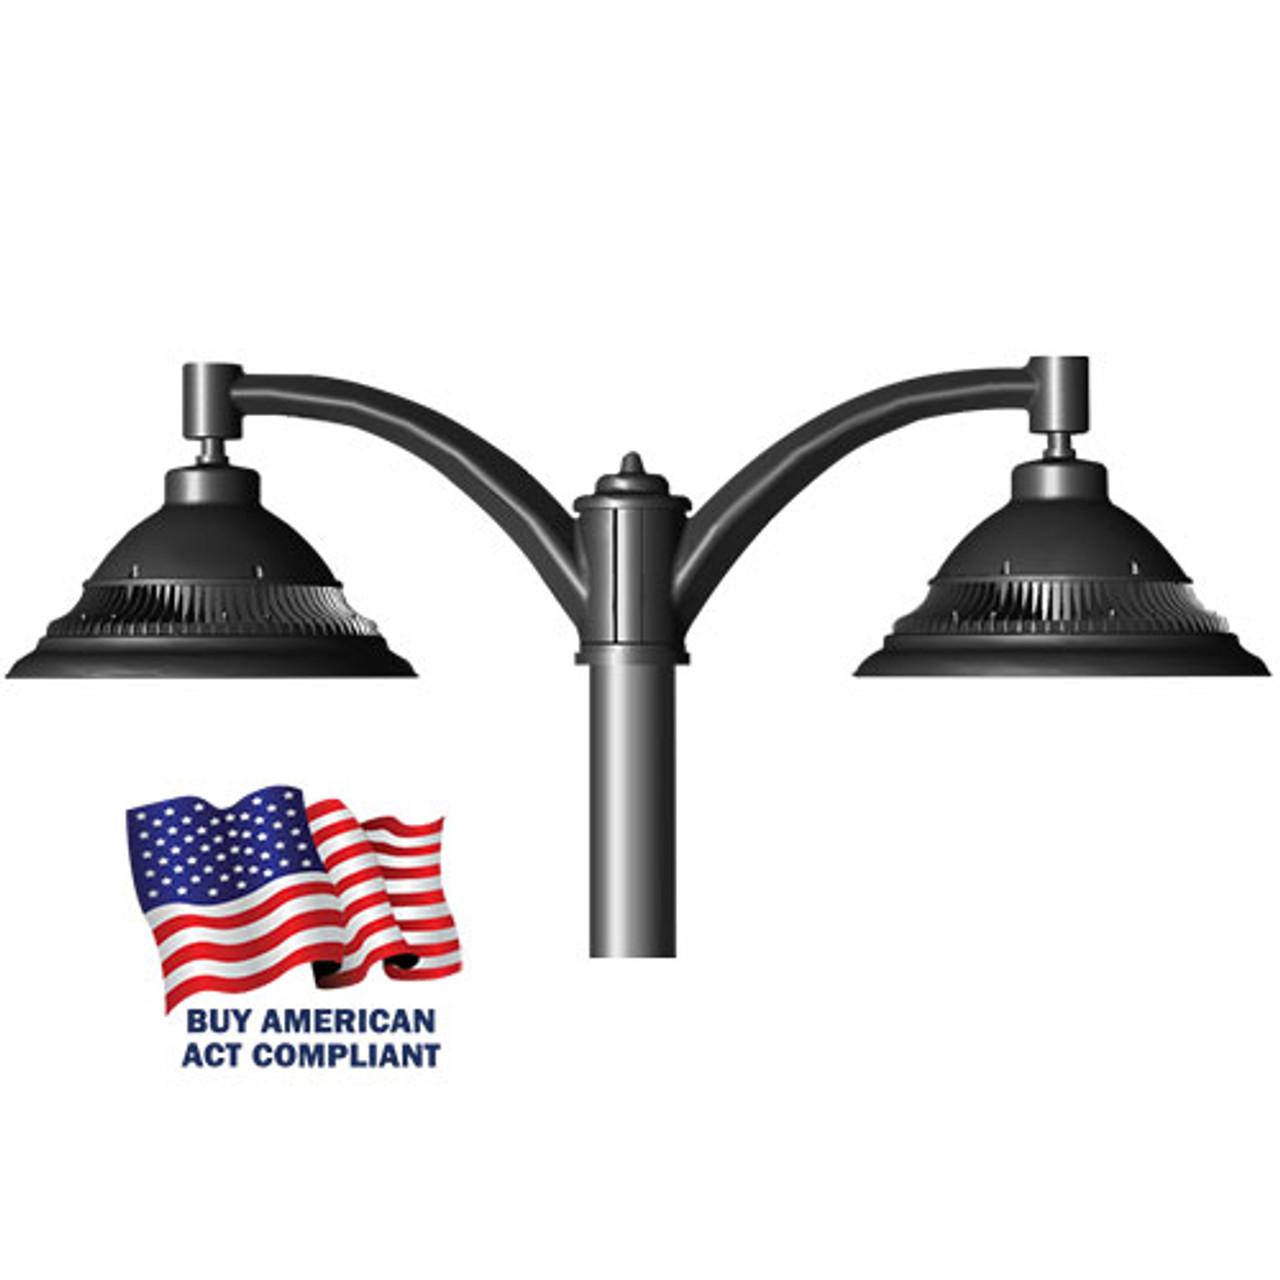 Pendant LED Decorative Pole Mounted